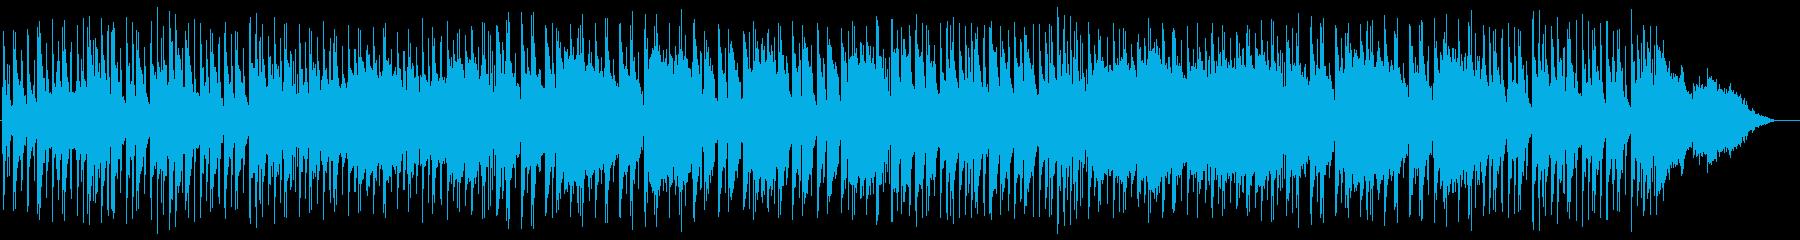 聞き馴染んだ旋律でスローフォックスをの再生済みの波形